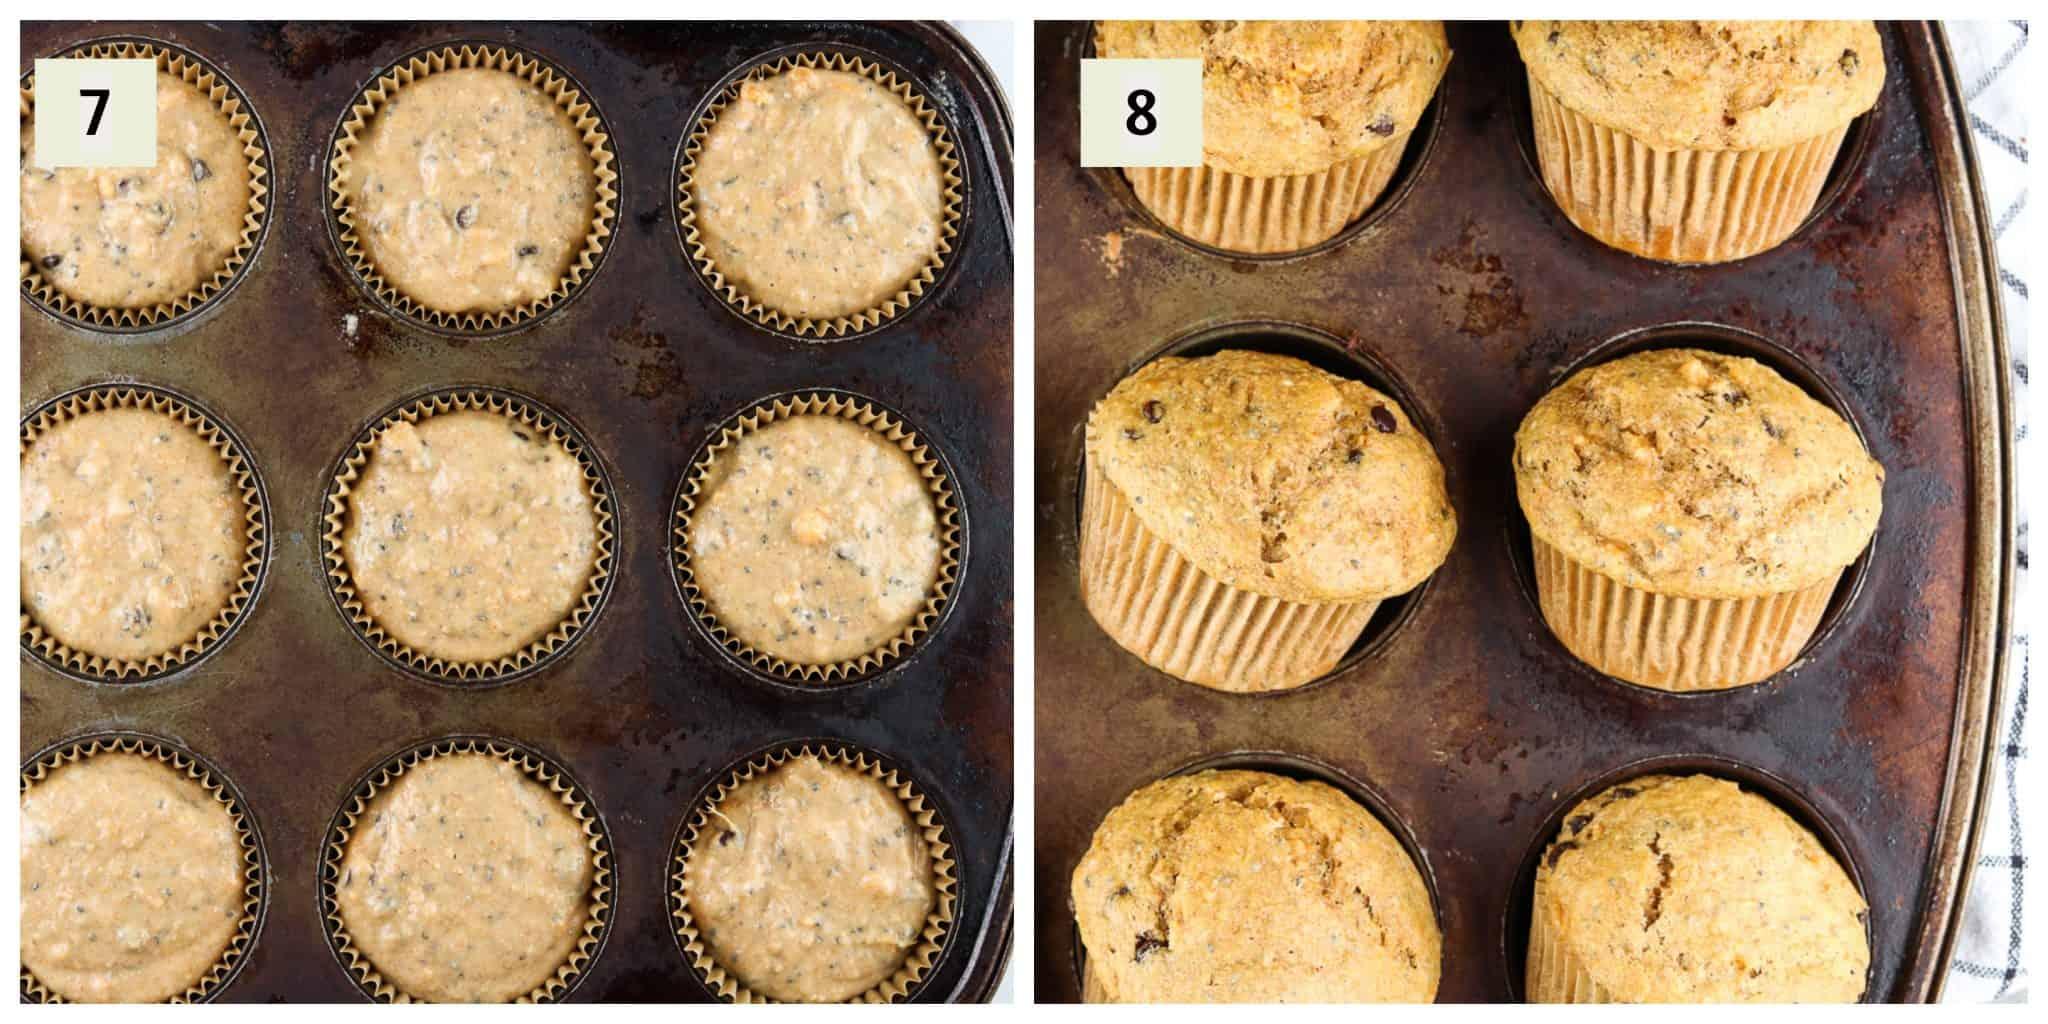 Process shots to making sweet potato cake.